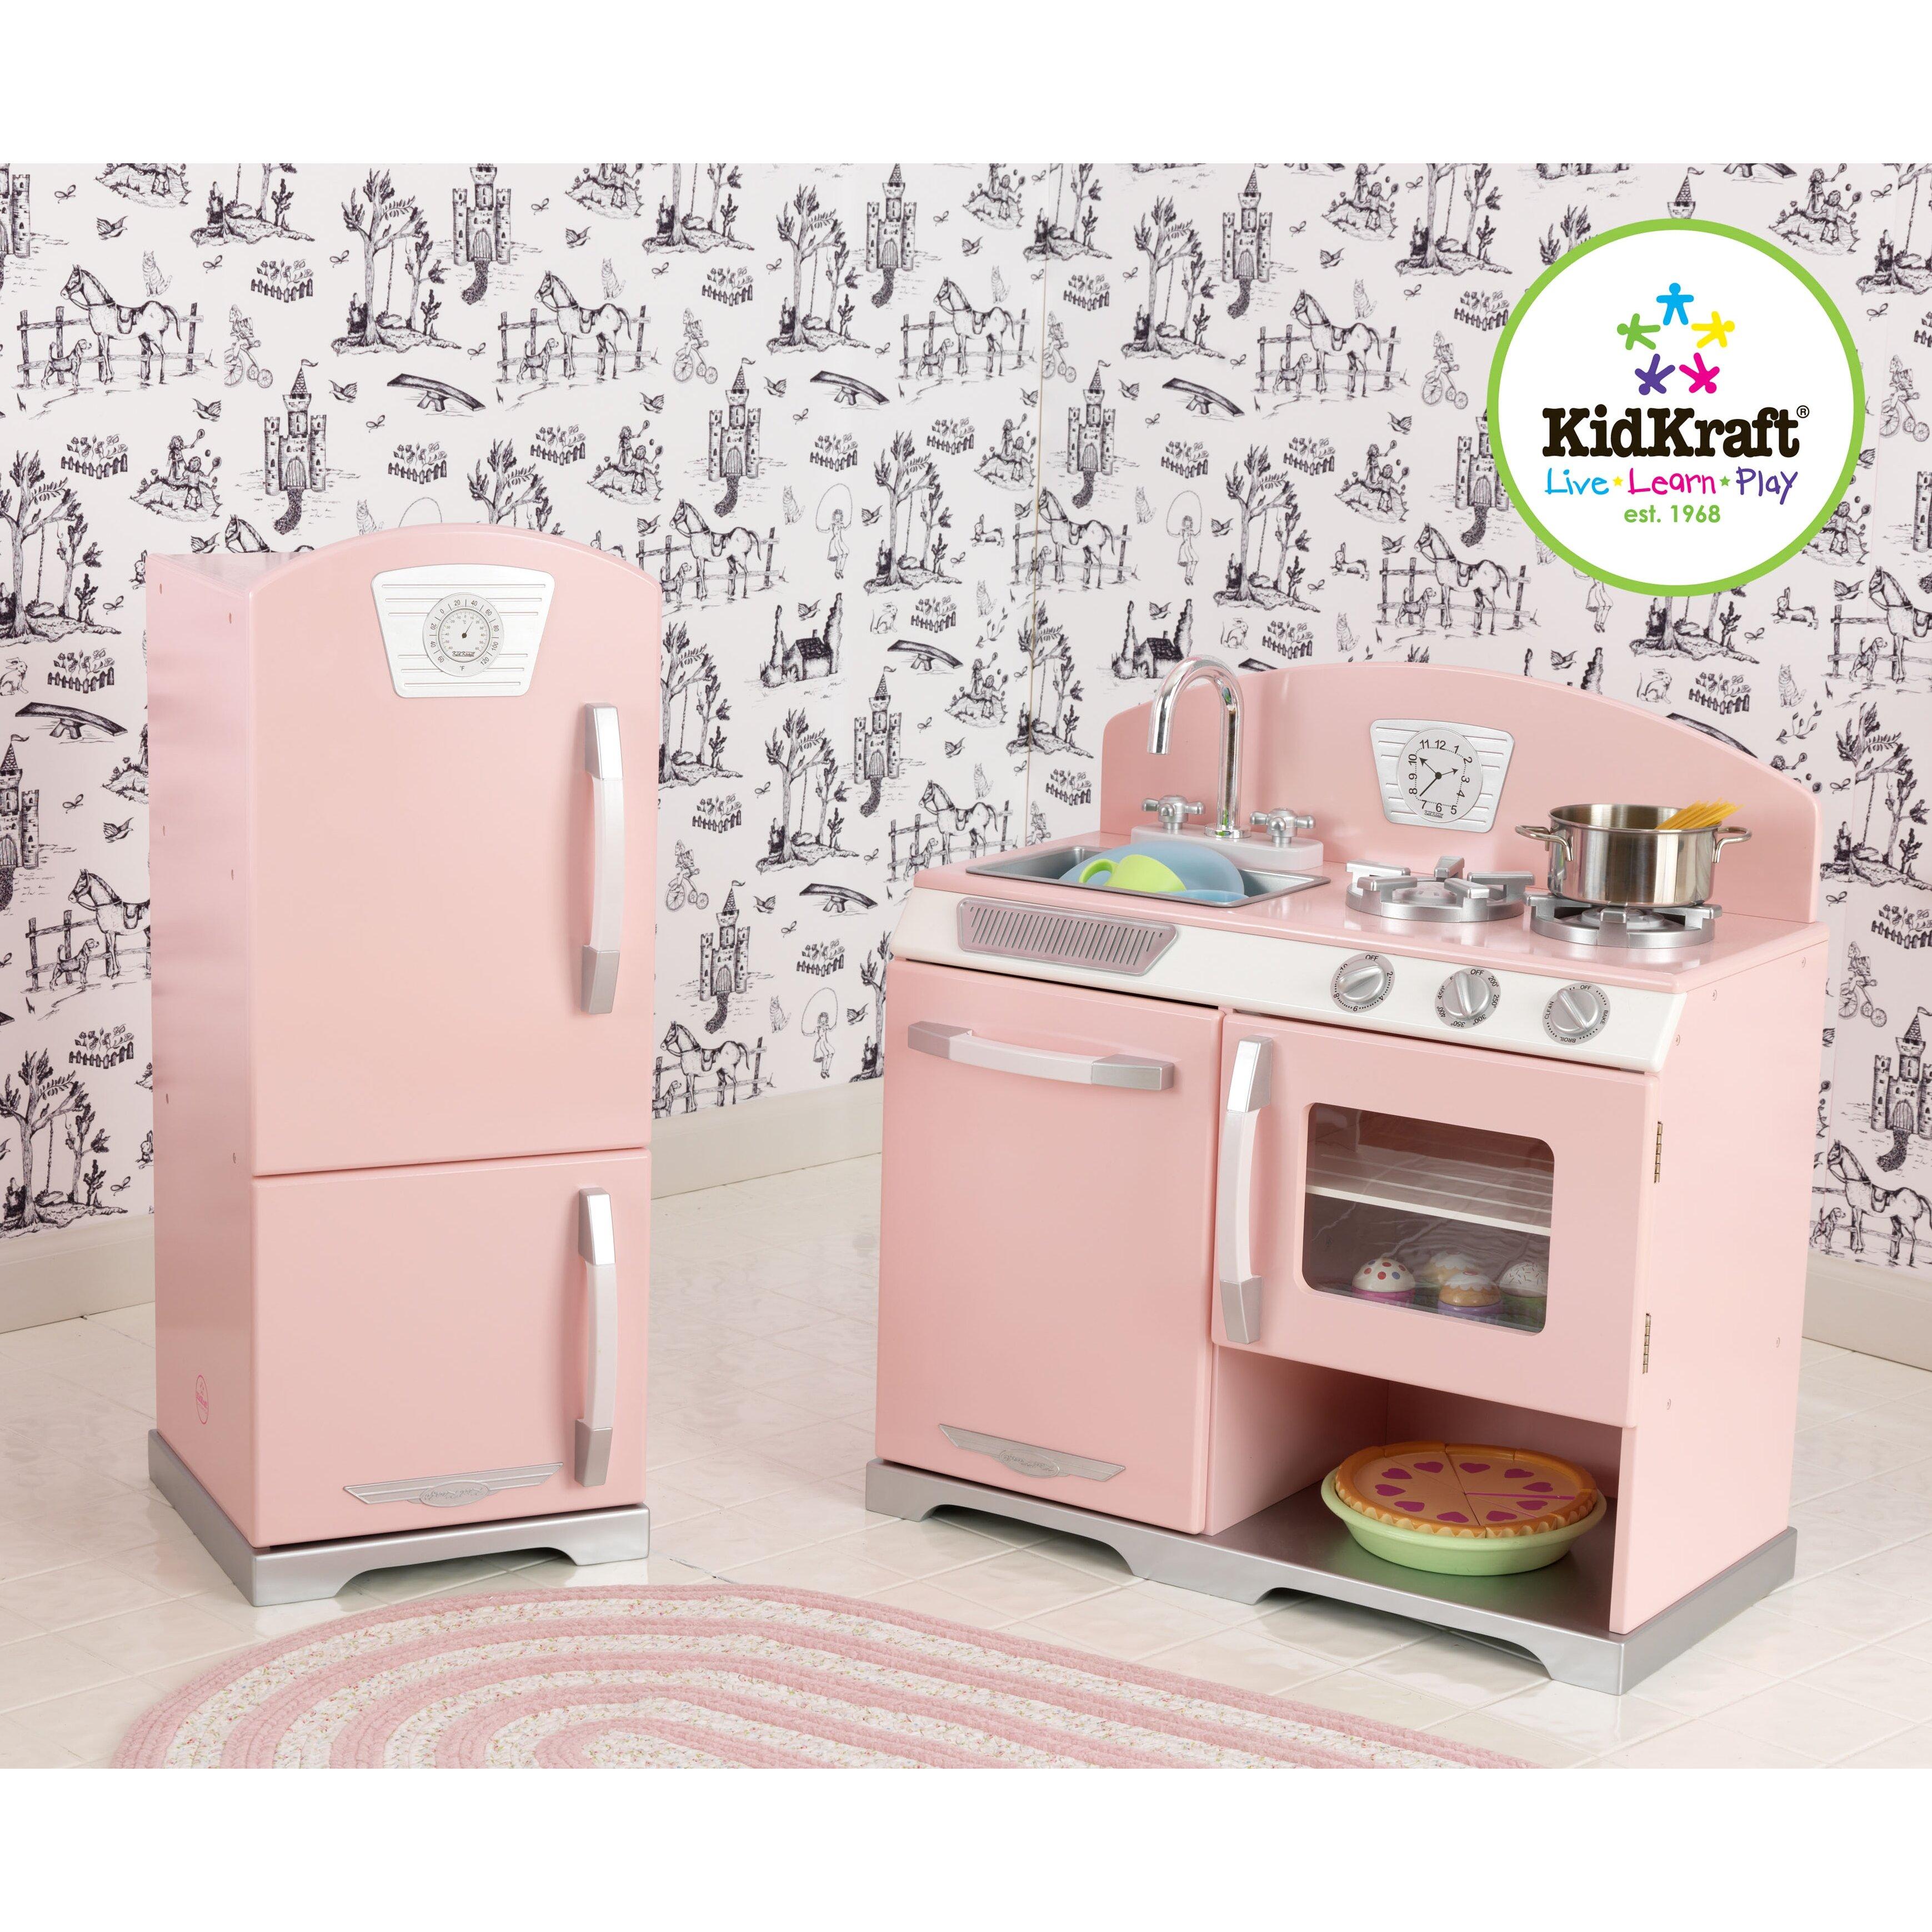 Kitchen Set Retro: KidKraft 2 Piece Retro Kitchen And Refrigerator Set